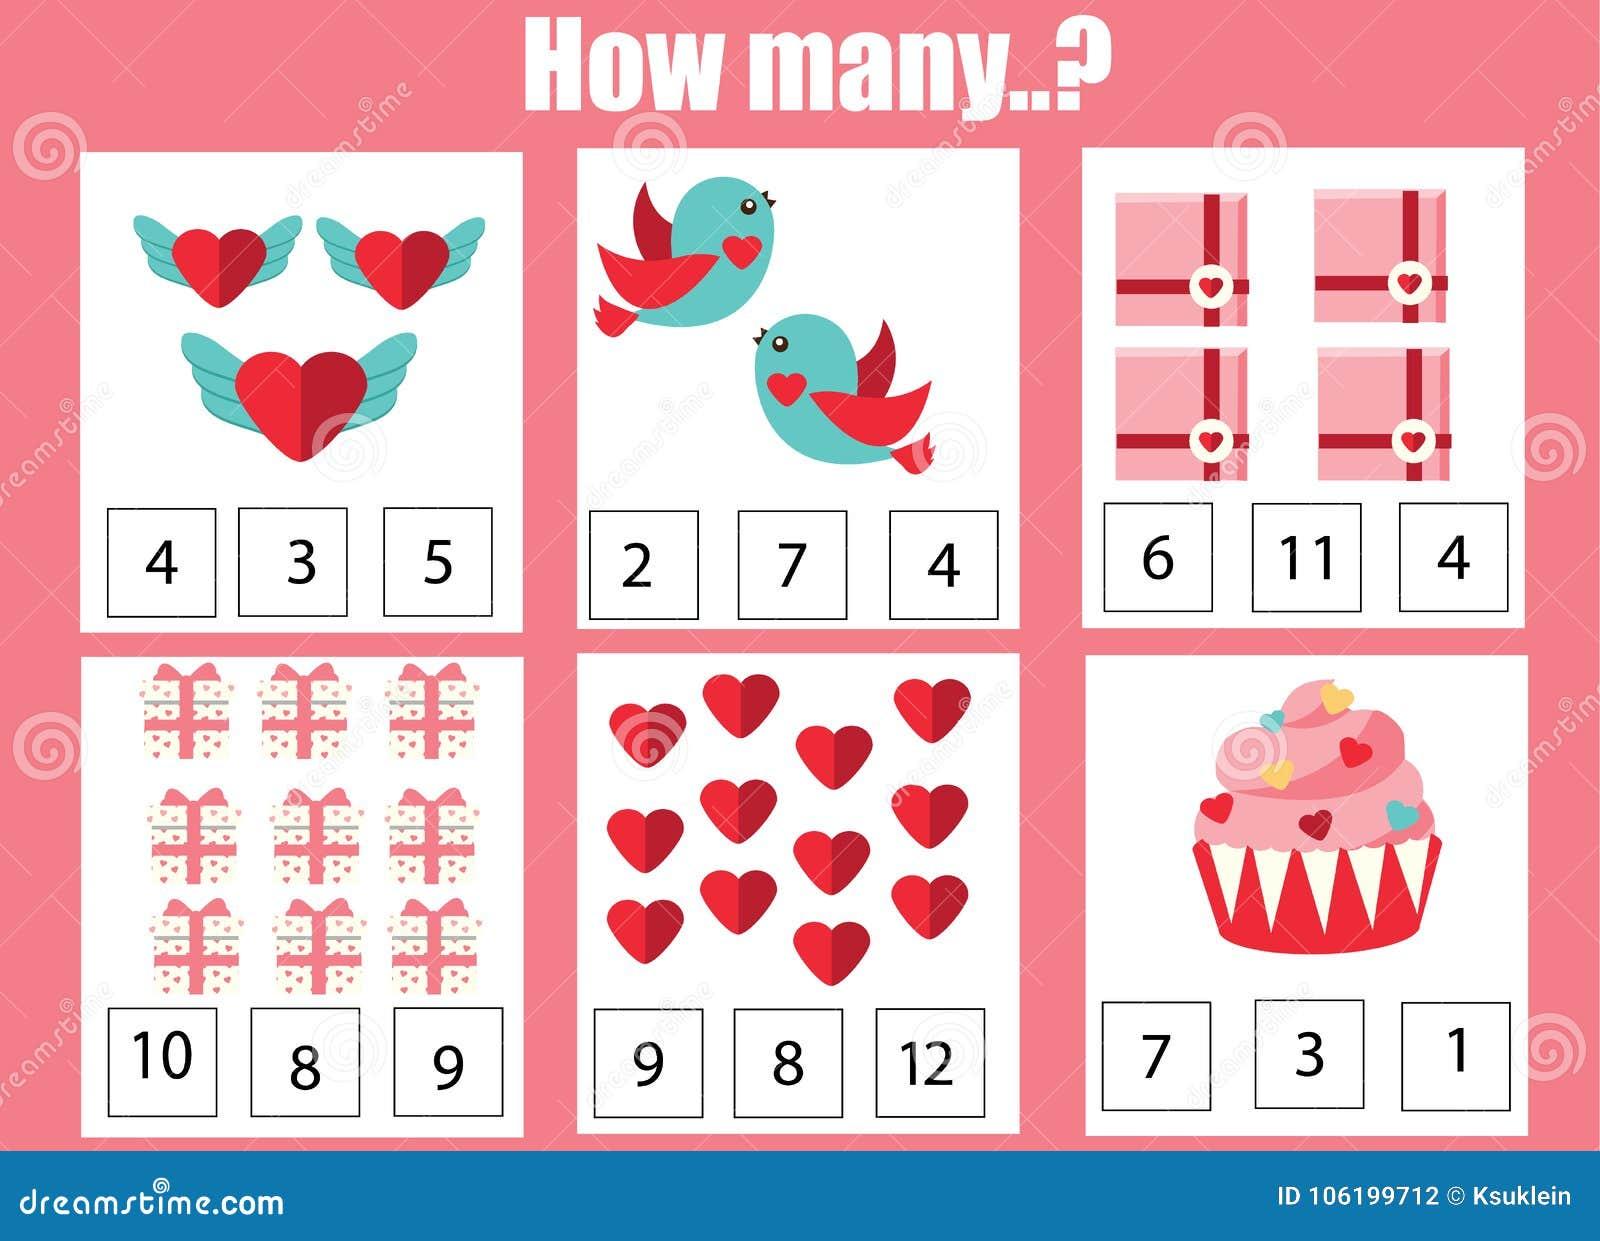 Paarung und Mathematik